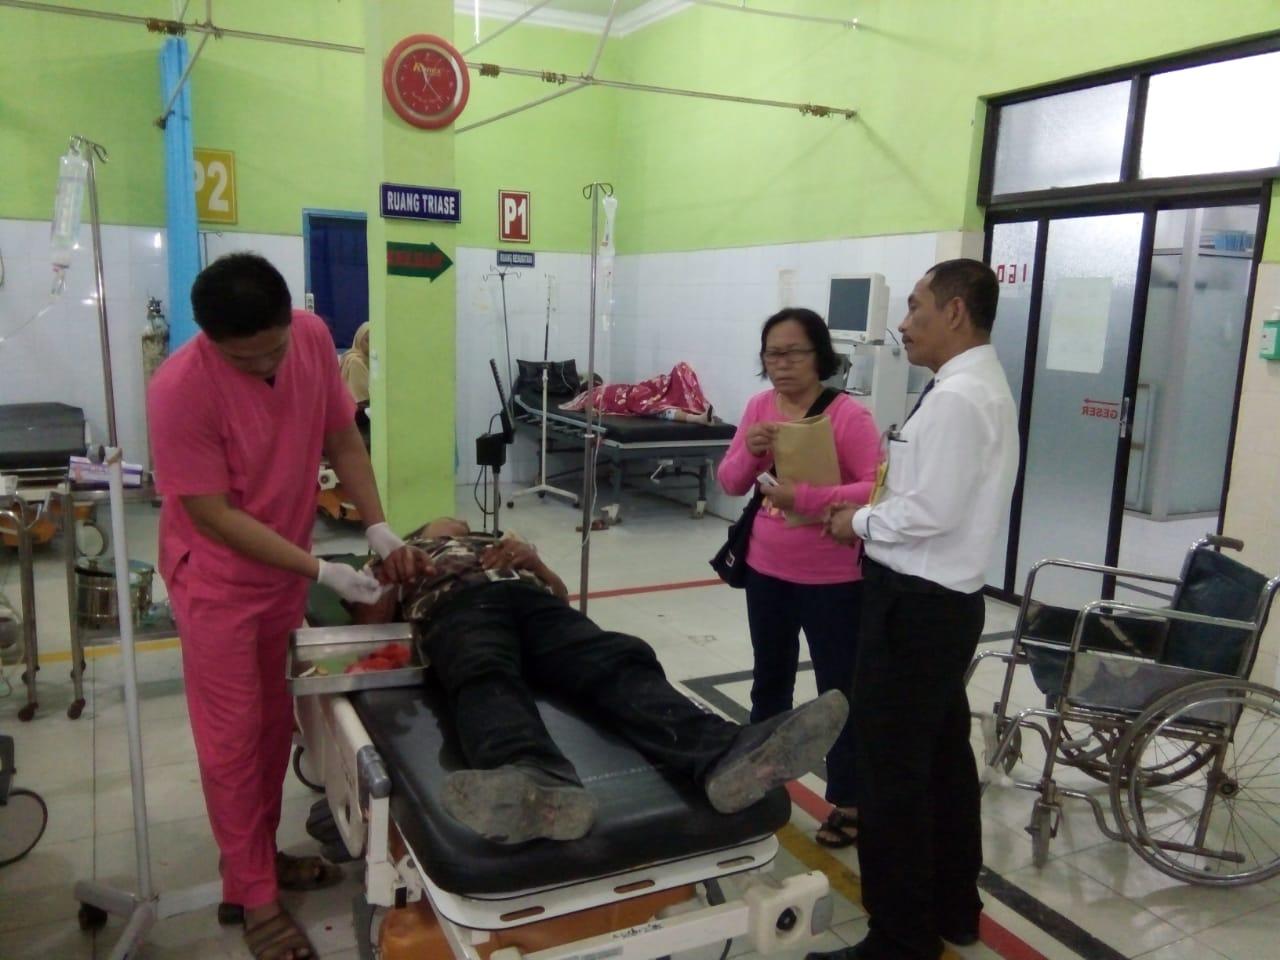 Korban saat mendapatkan perawatan medis di rumah sakit.